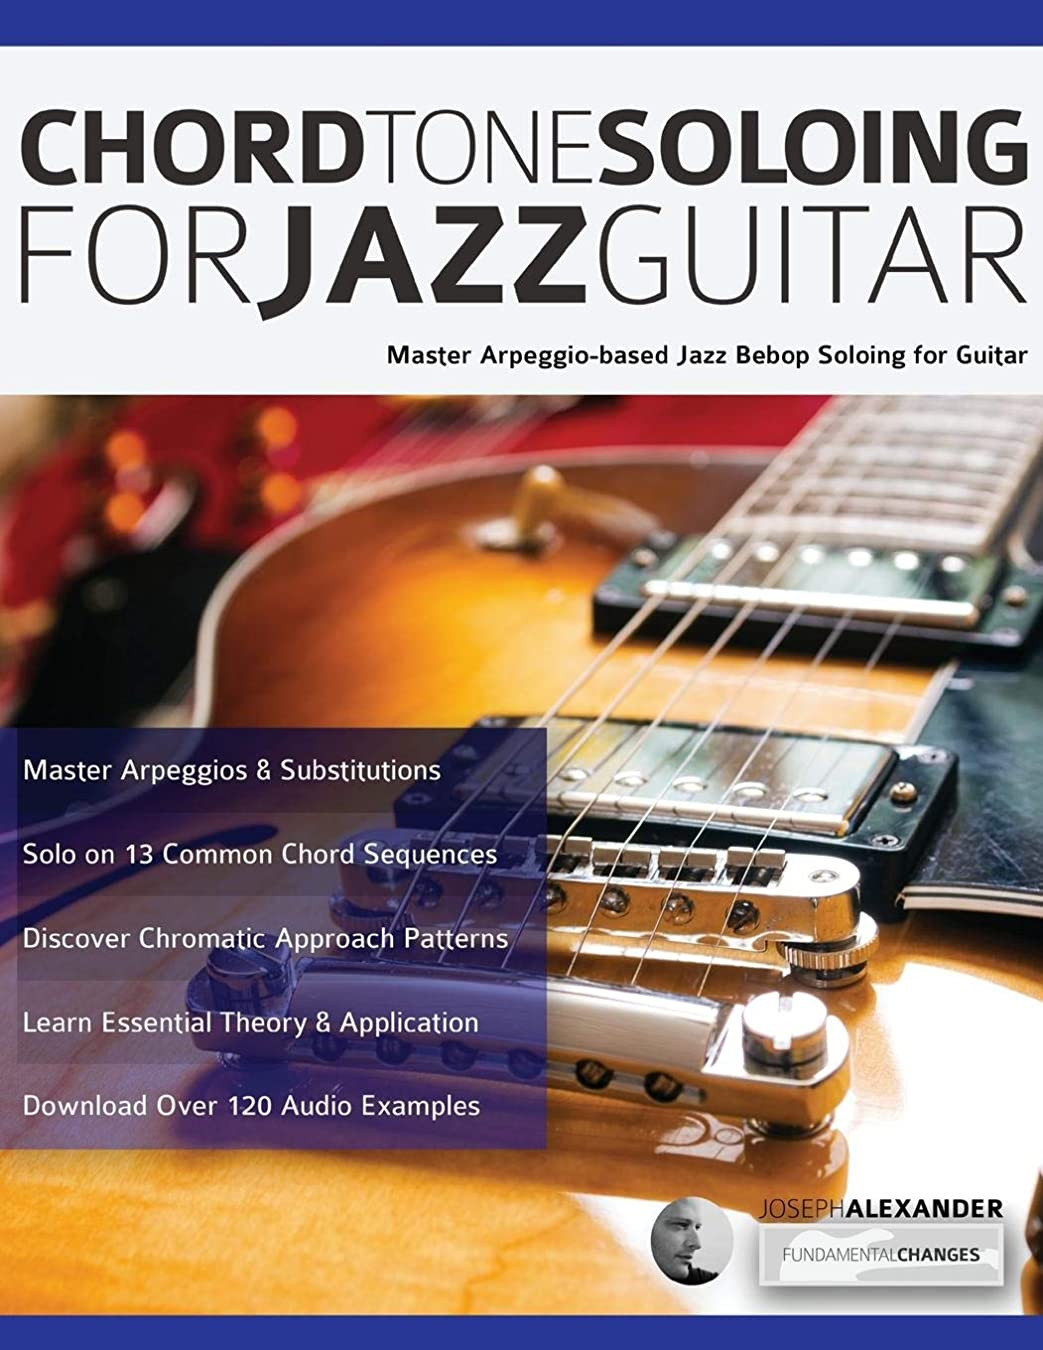 懺悔写真を撮るうがい薬Chord Tone Soloing for Jazz Guitar: Master Arpeggio-Based Jazz Bebop Soloing for Guitar